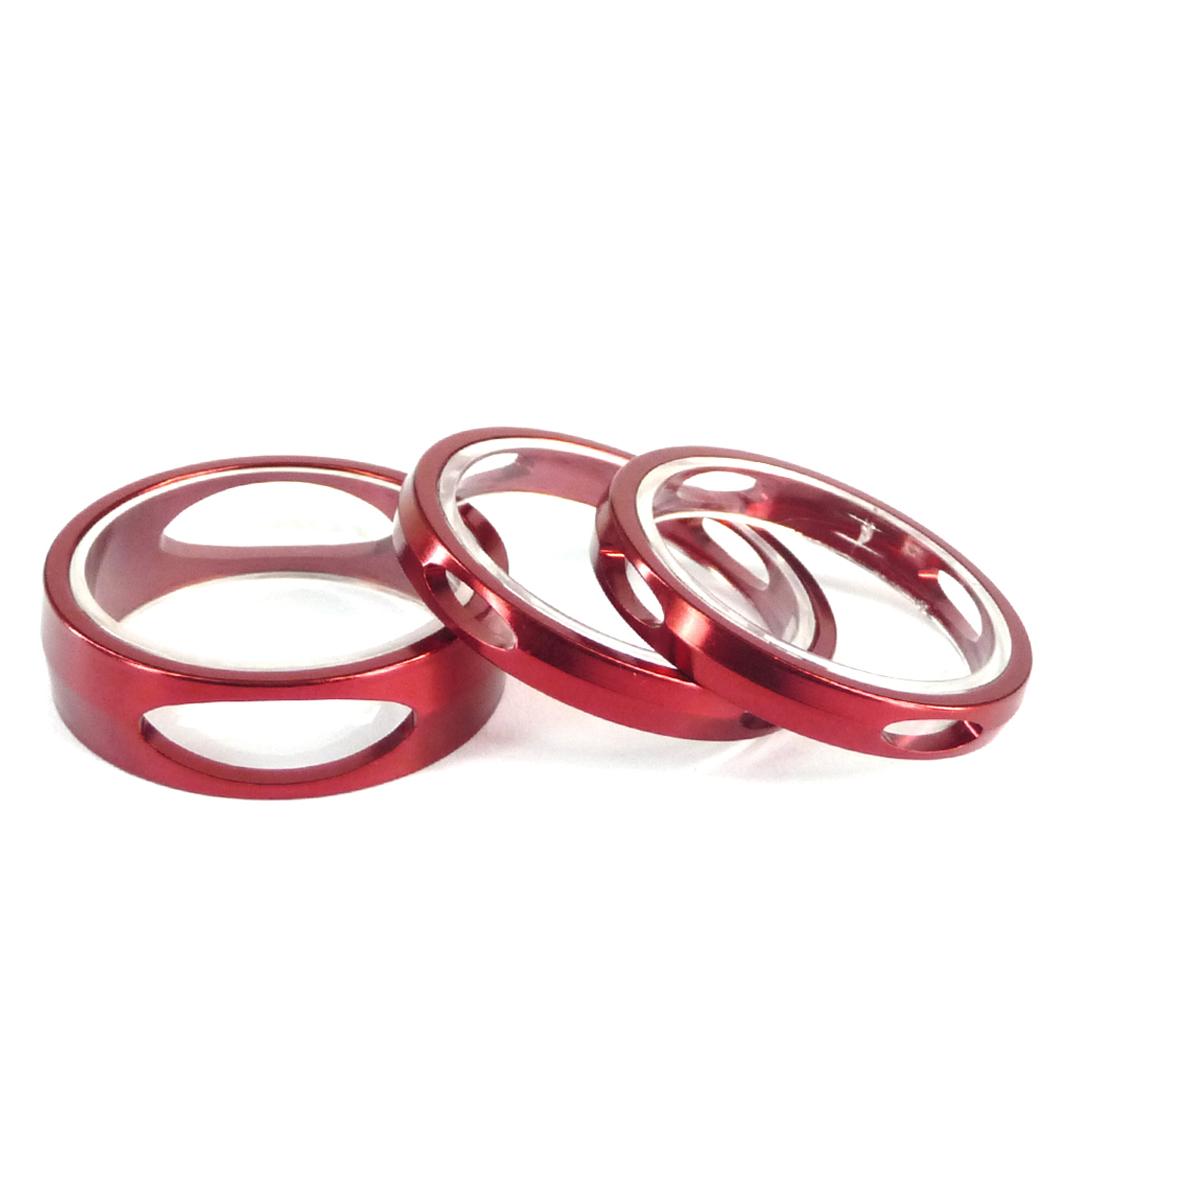 Entretoise Ahead-Set Token 3D rouge (2x5 mm + 1x10 mm)